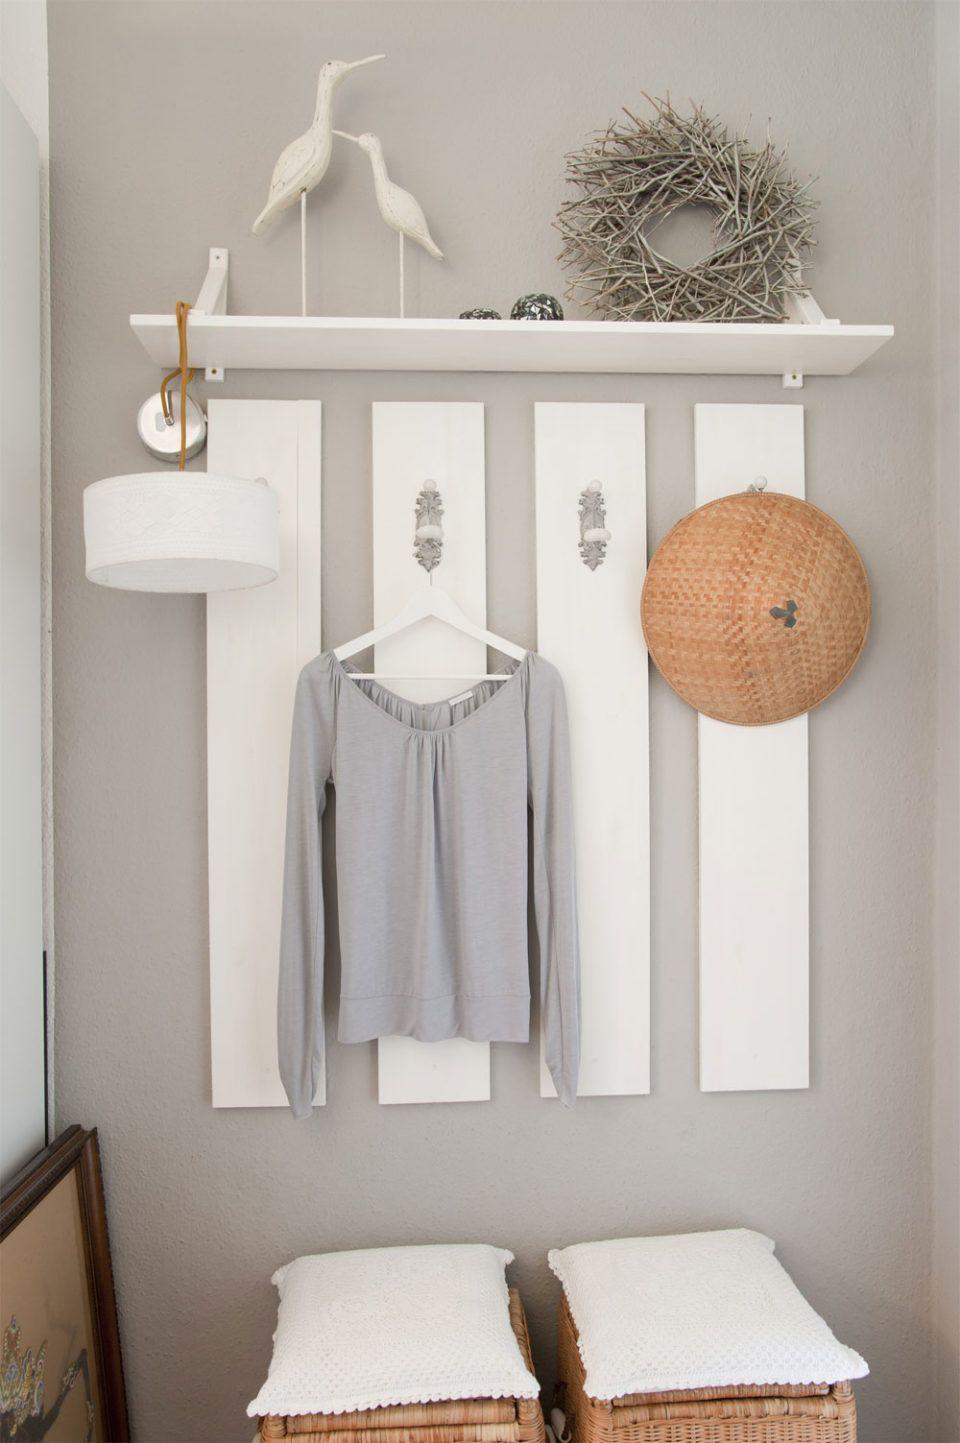 garderobe für kleinen flur 16 #flureinrichten